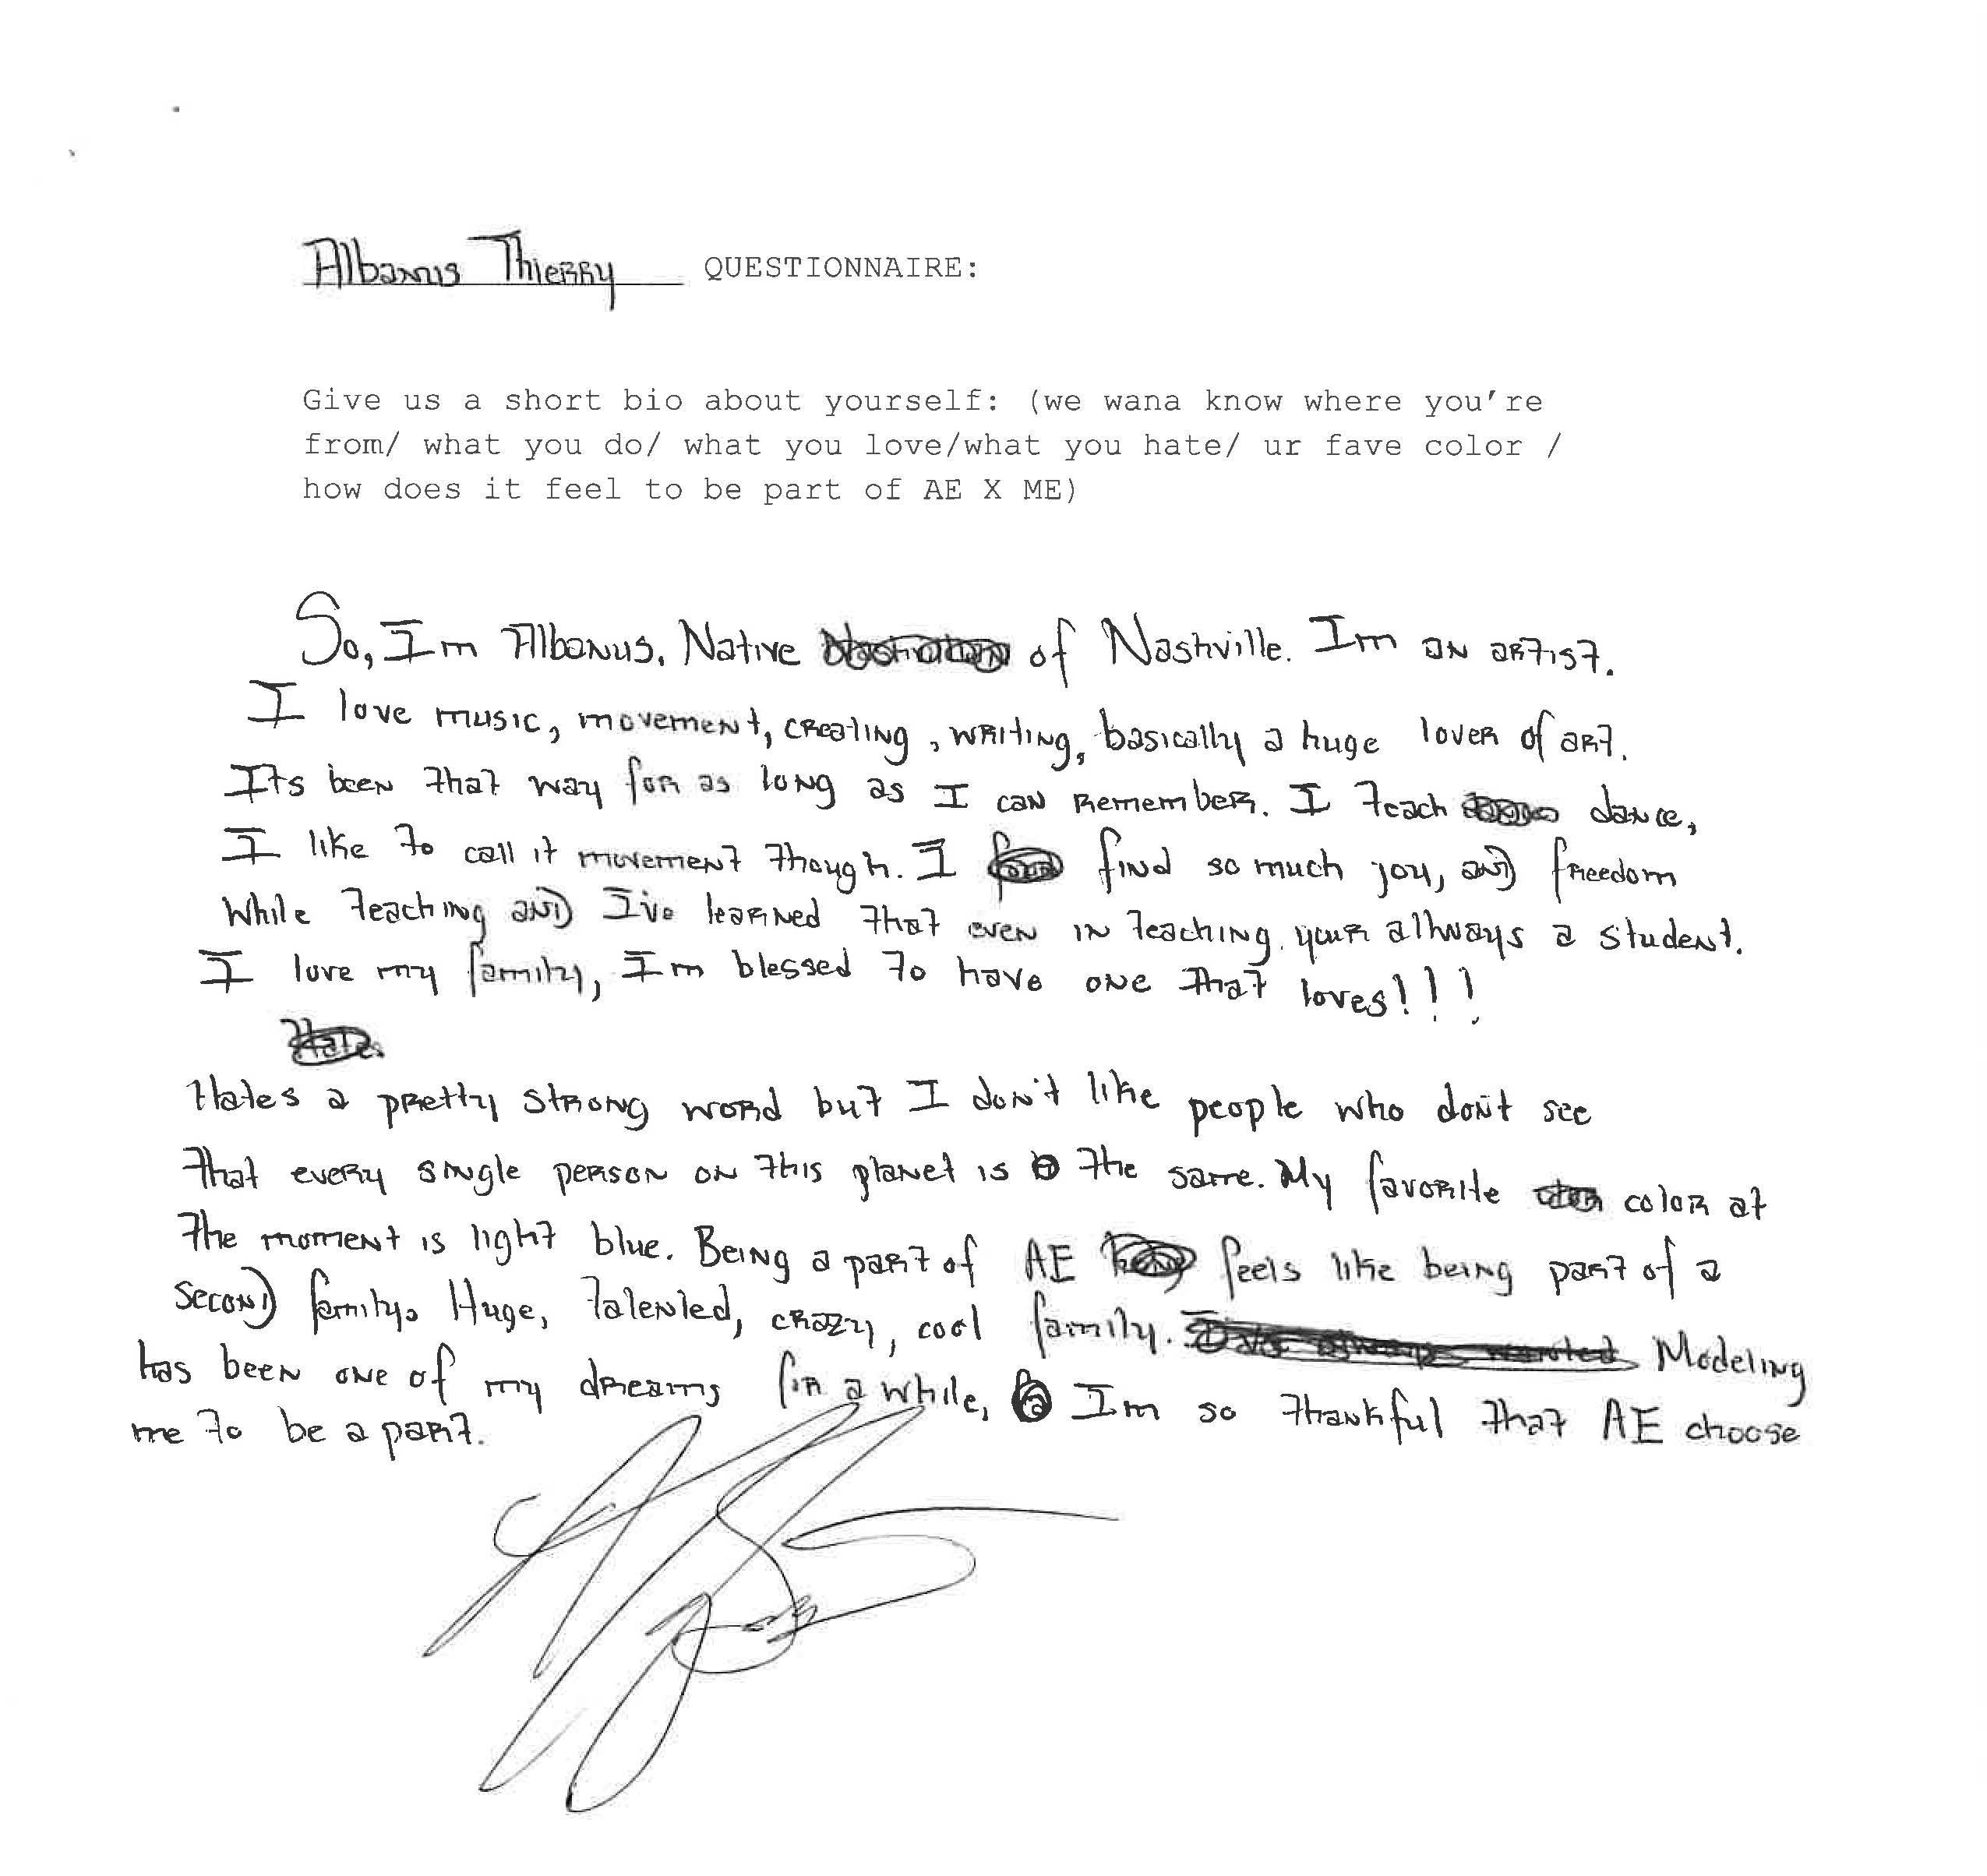 handwritten bio of @albanus_thierry